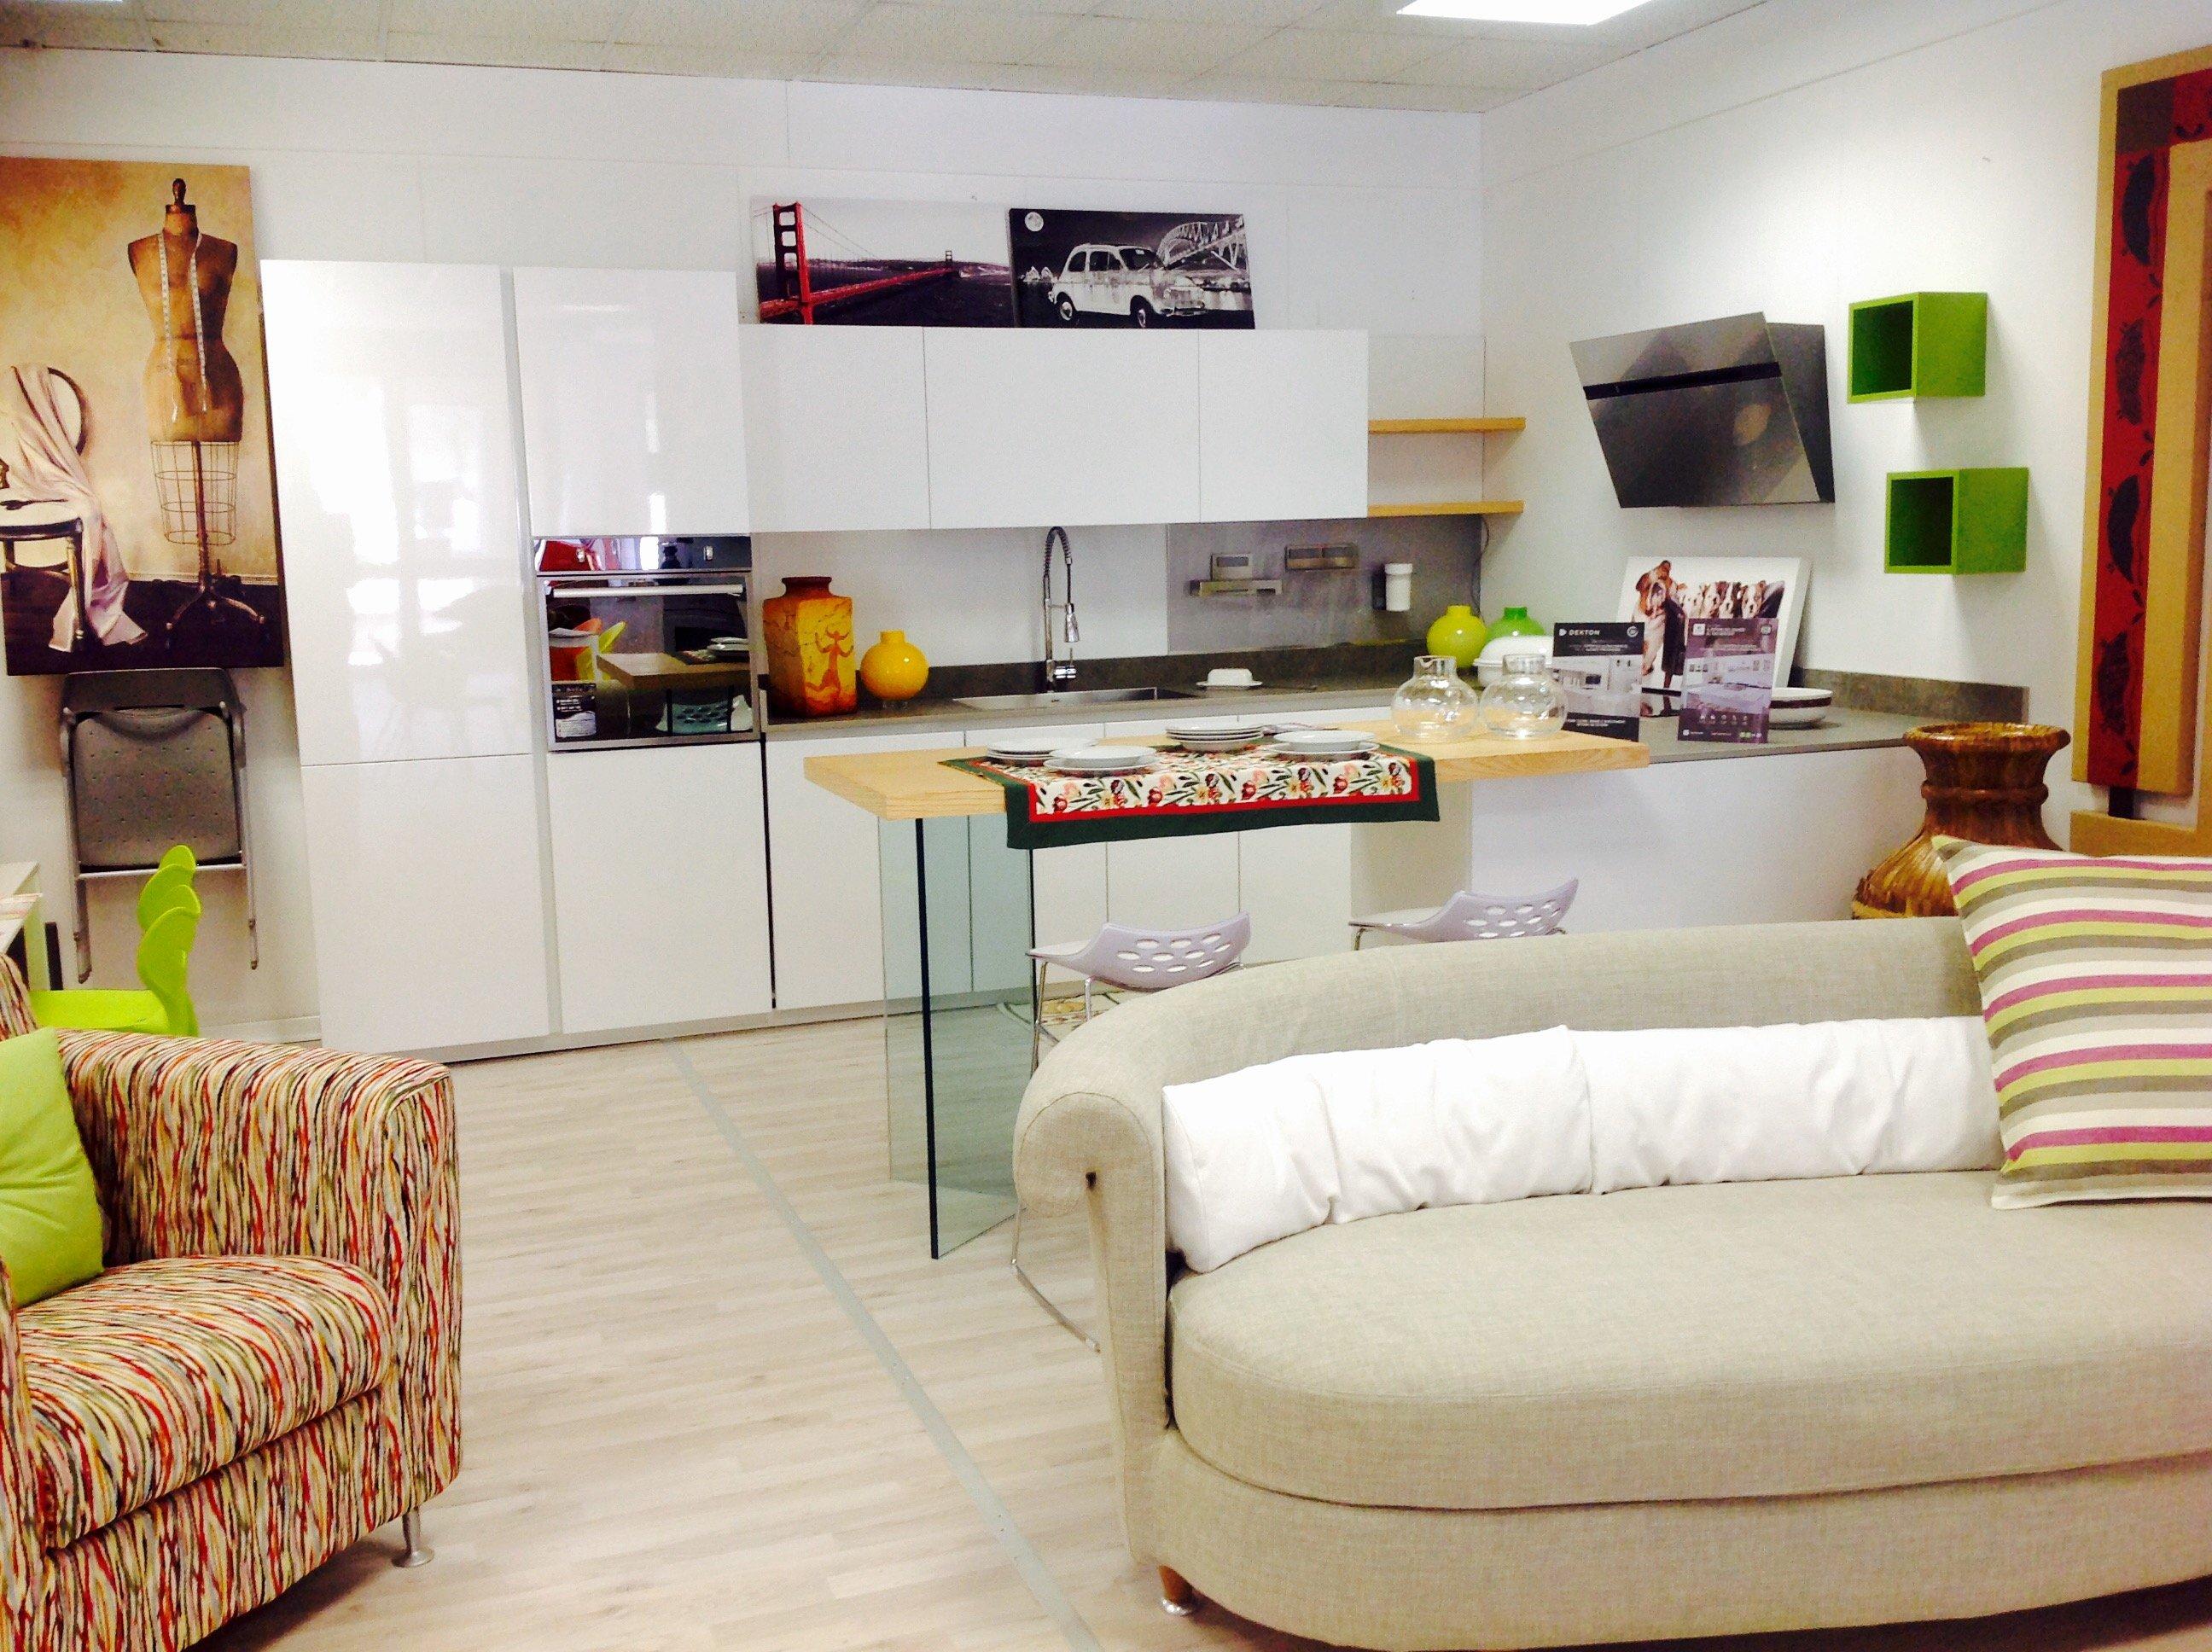 una cucina e una sala open space